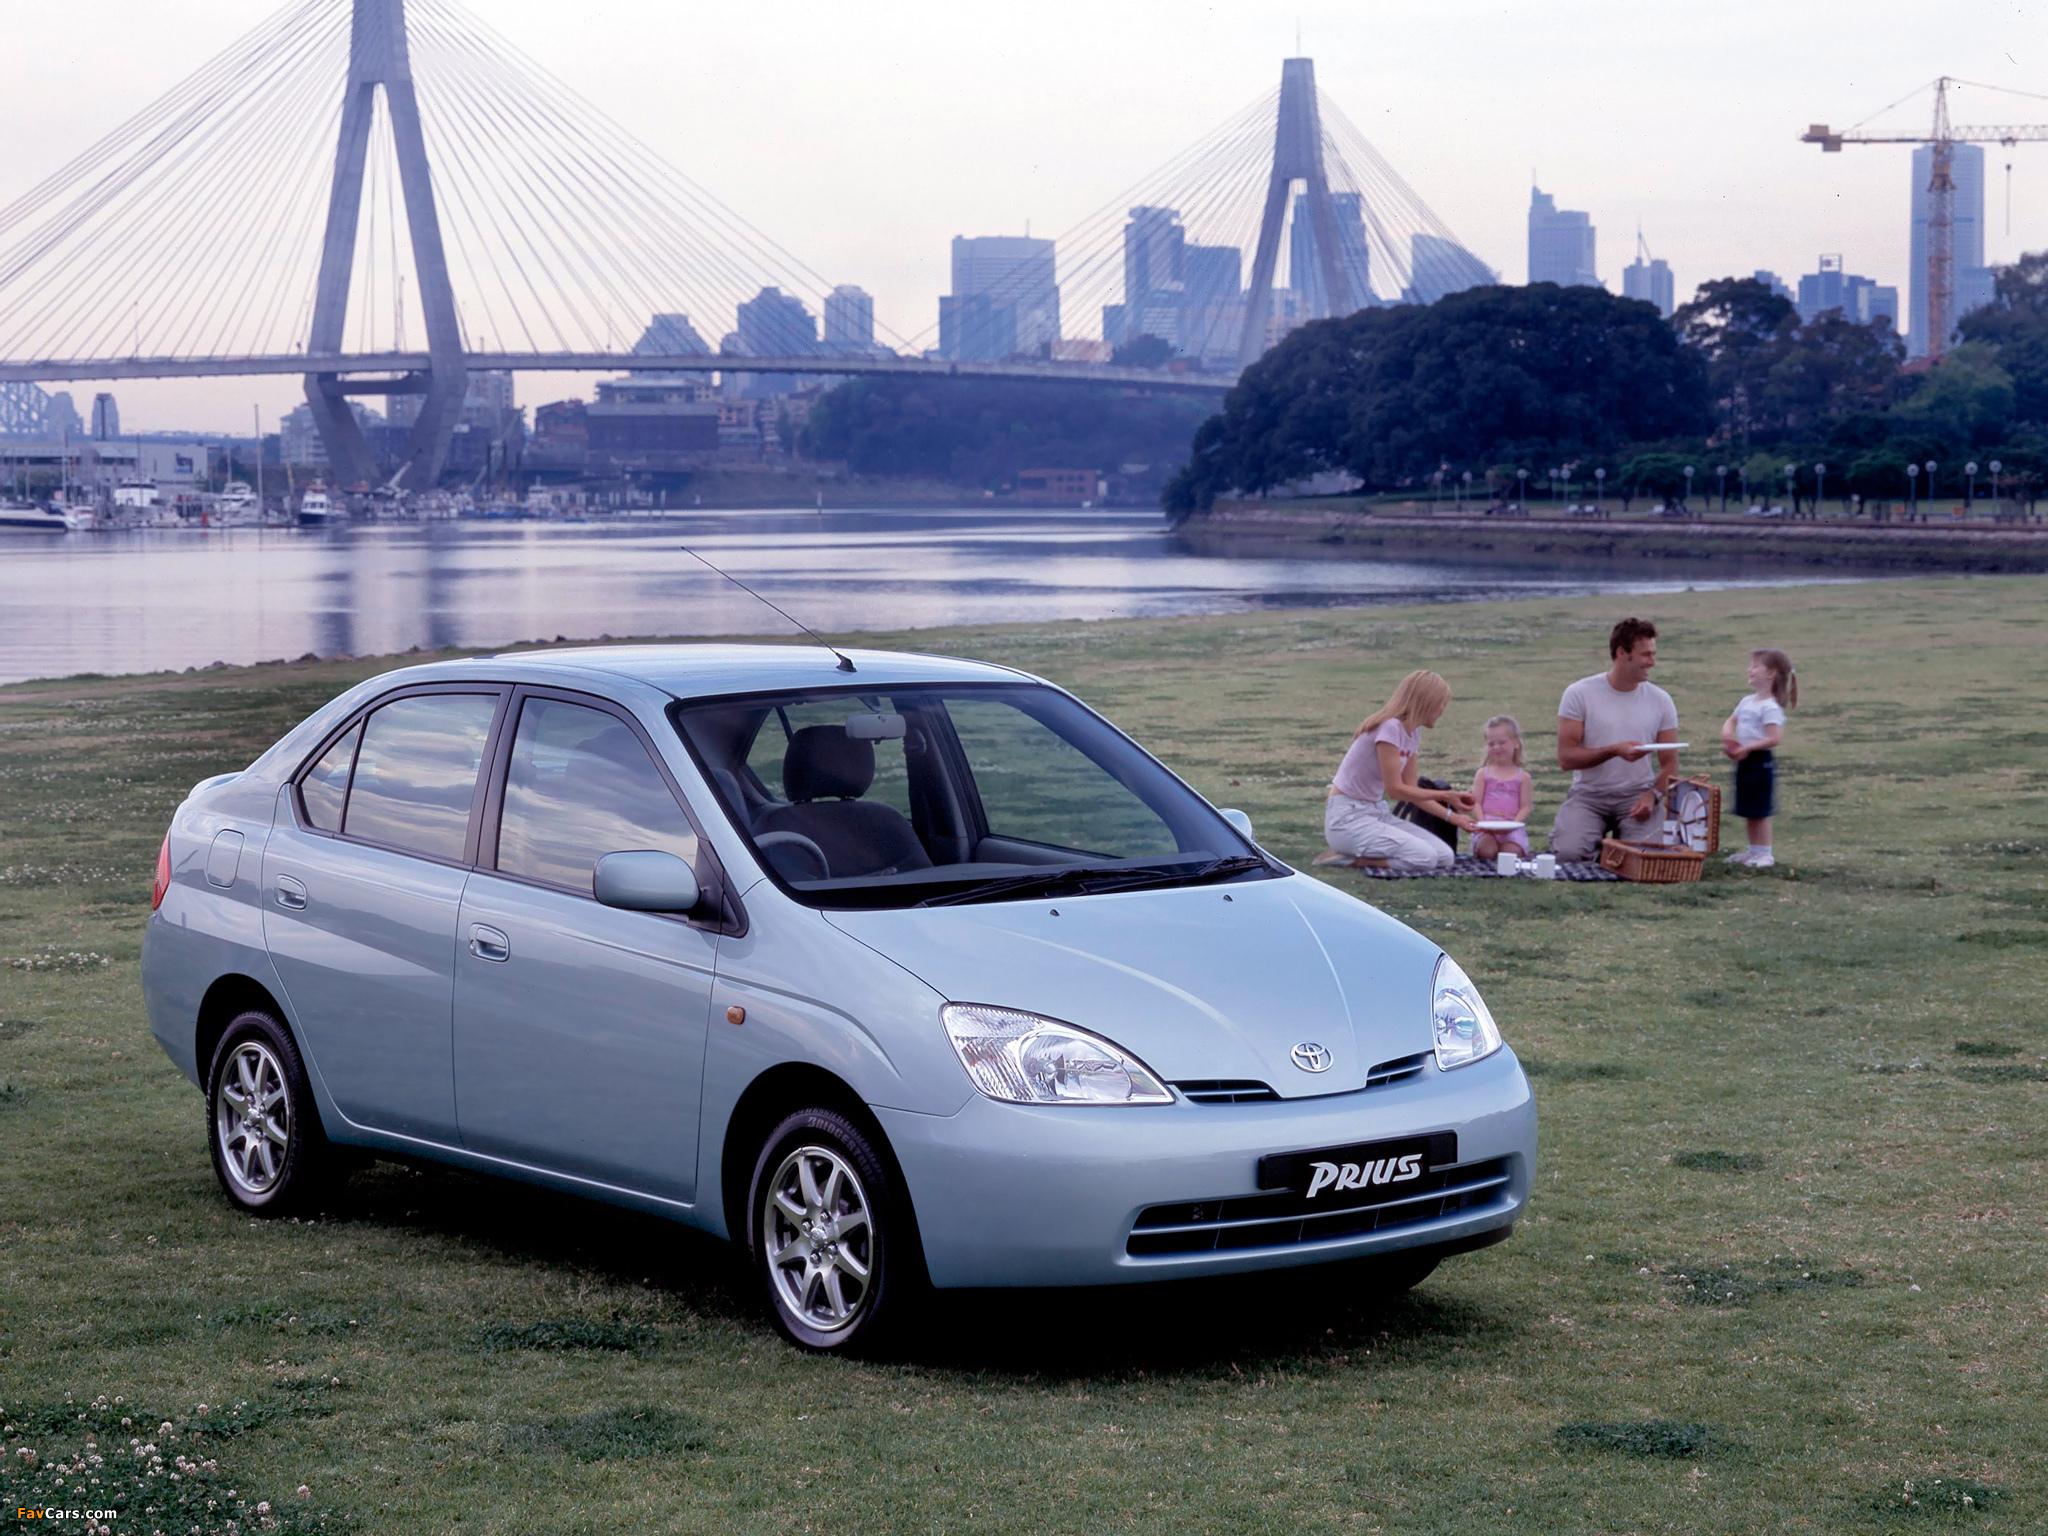 Toyota Prius Au Spec Nhw11 2001 03 Pictures 2048x1536